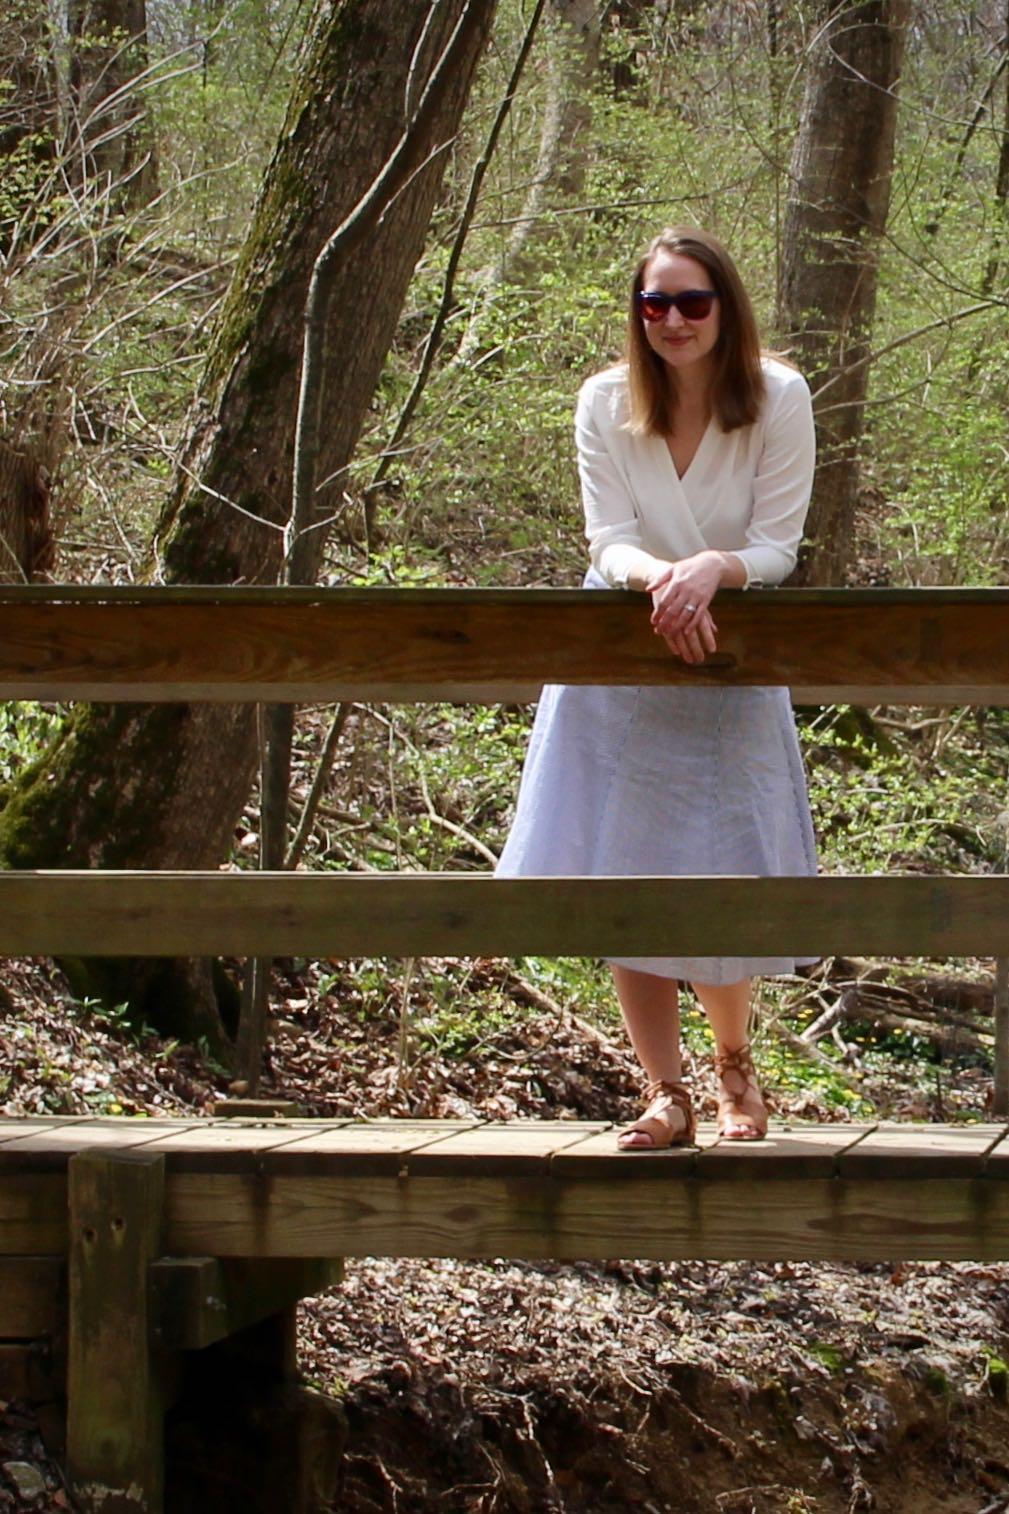 Midi Skirt Spring Style ... The Spectacular Adventurer